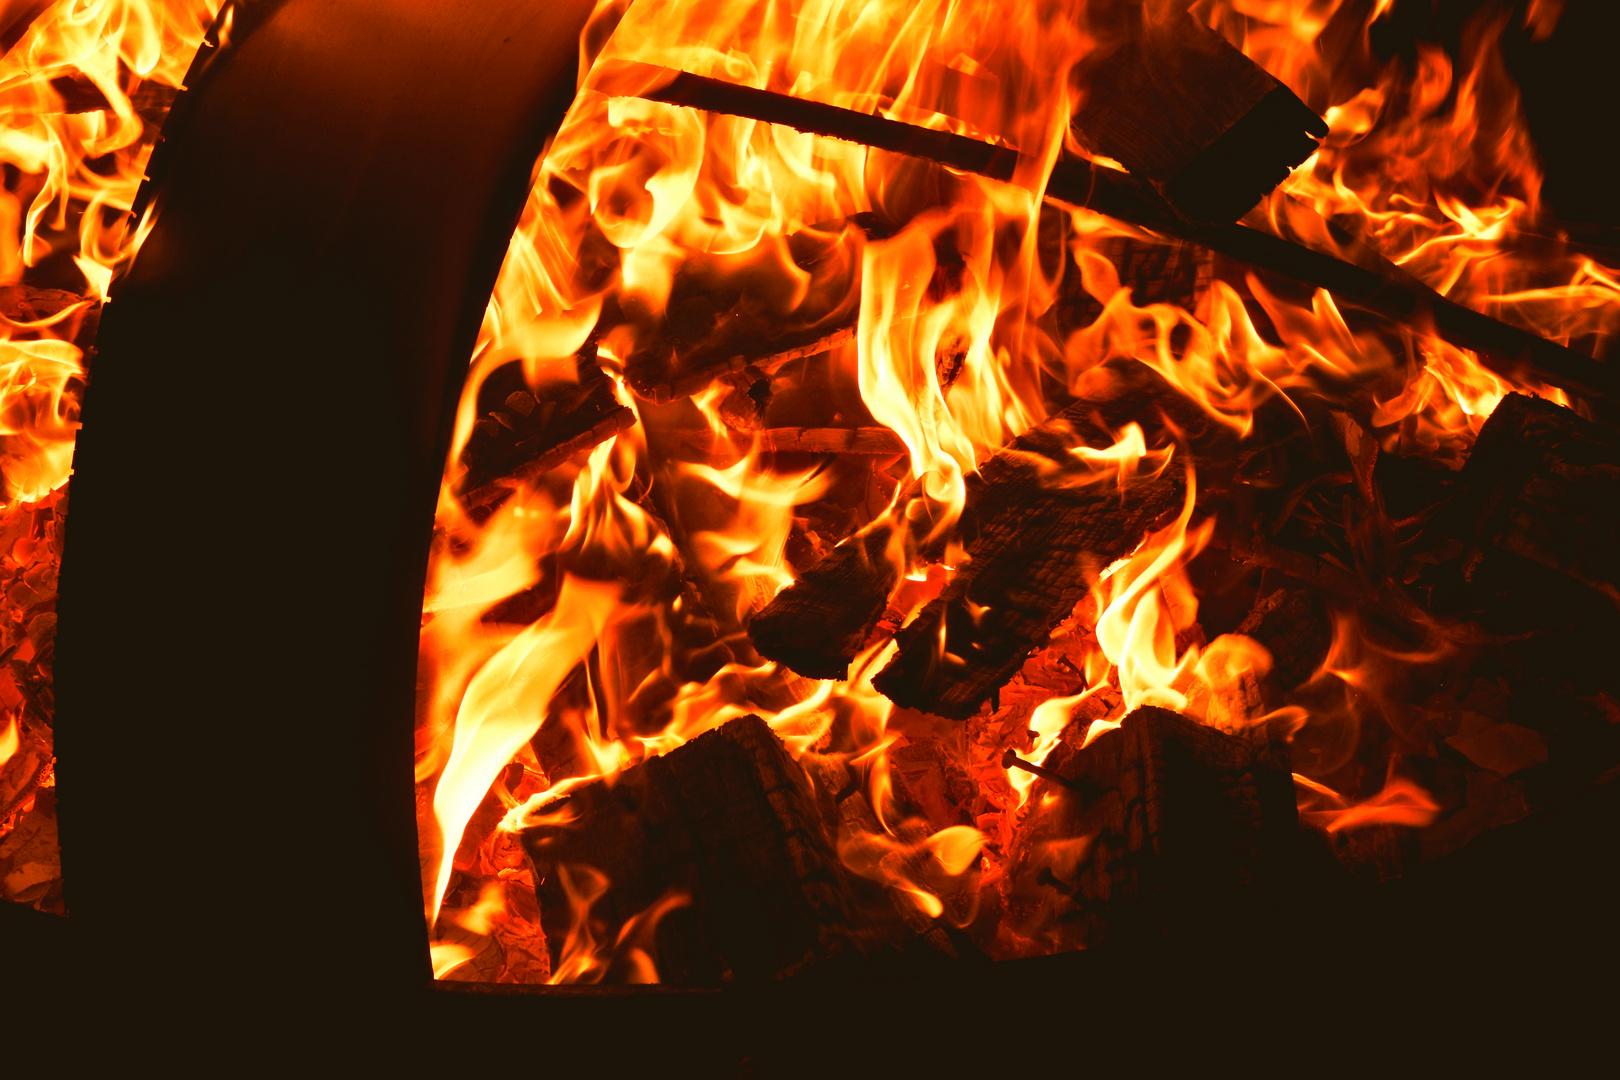 Feuer In Der Feuerschale Foto Bild Fotos Art Spezial Bilder